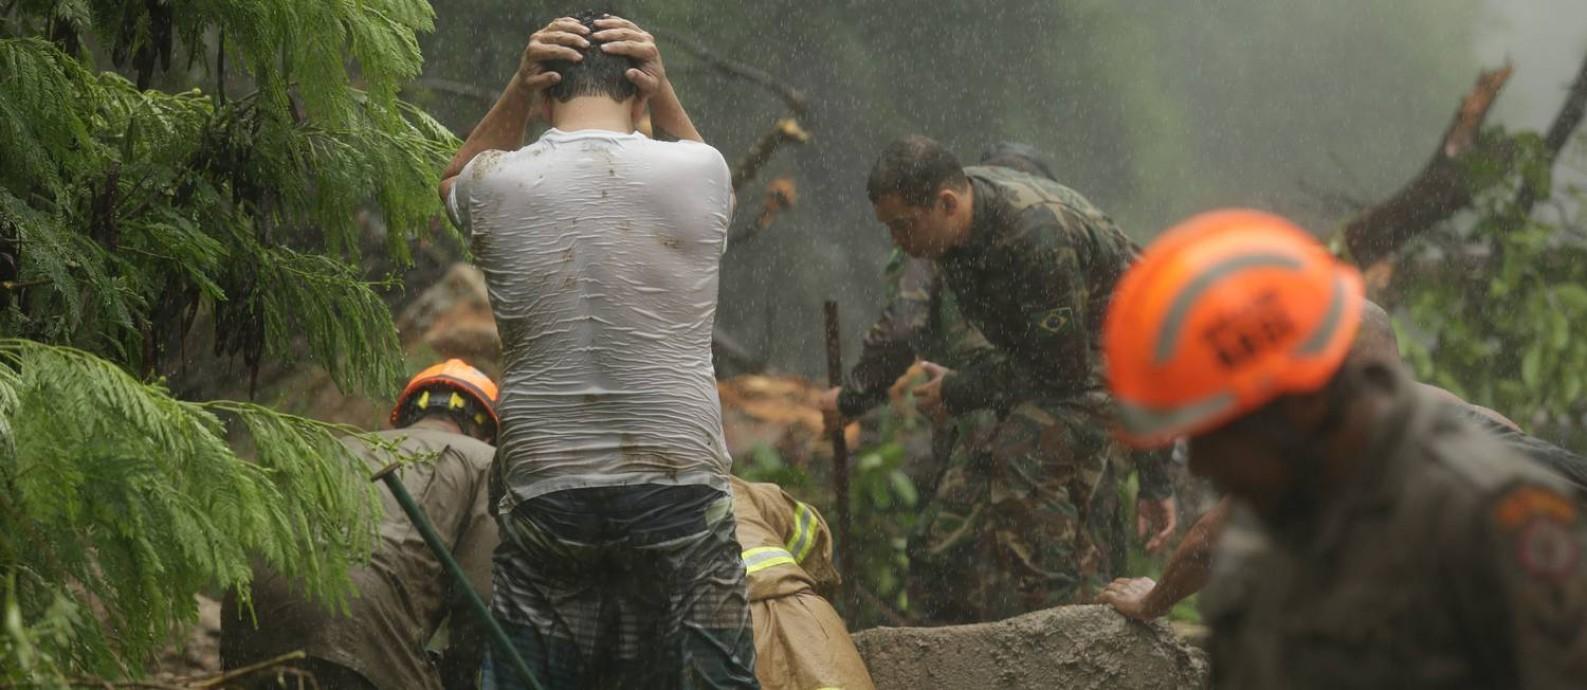 As chuvas que atingiram a Zona Sul do Rio deixou inúmeros estragos. Um deles foi na Avenida Carlos Peixoto, Botafogo, próximo ao Rio Sul, onde duas pessoas morreram. Foto: Brenno Carvalho / Agência O Globo